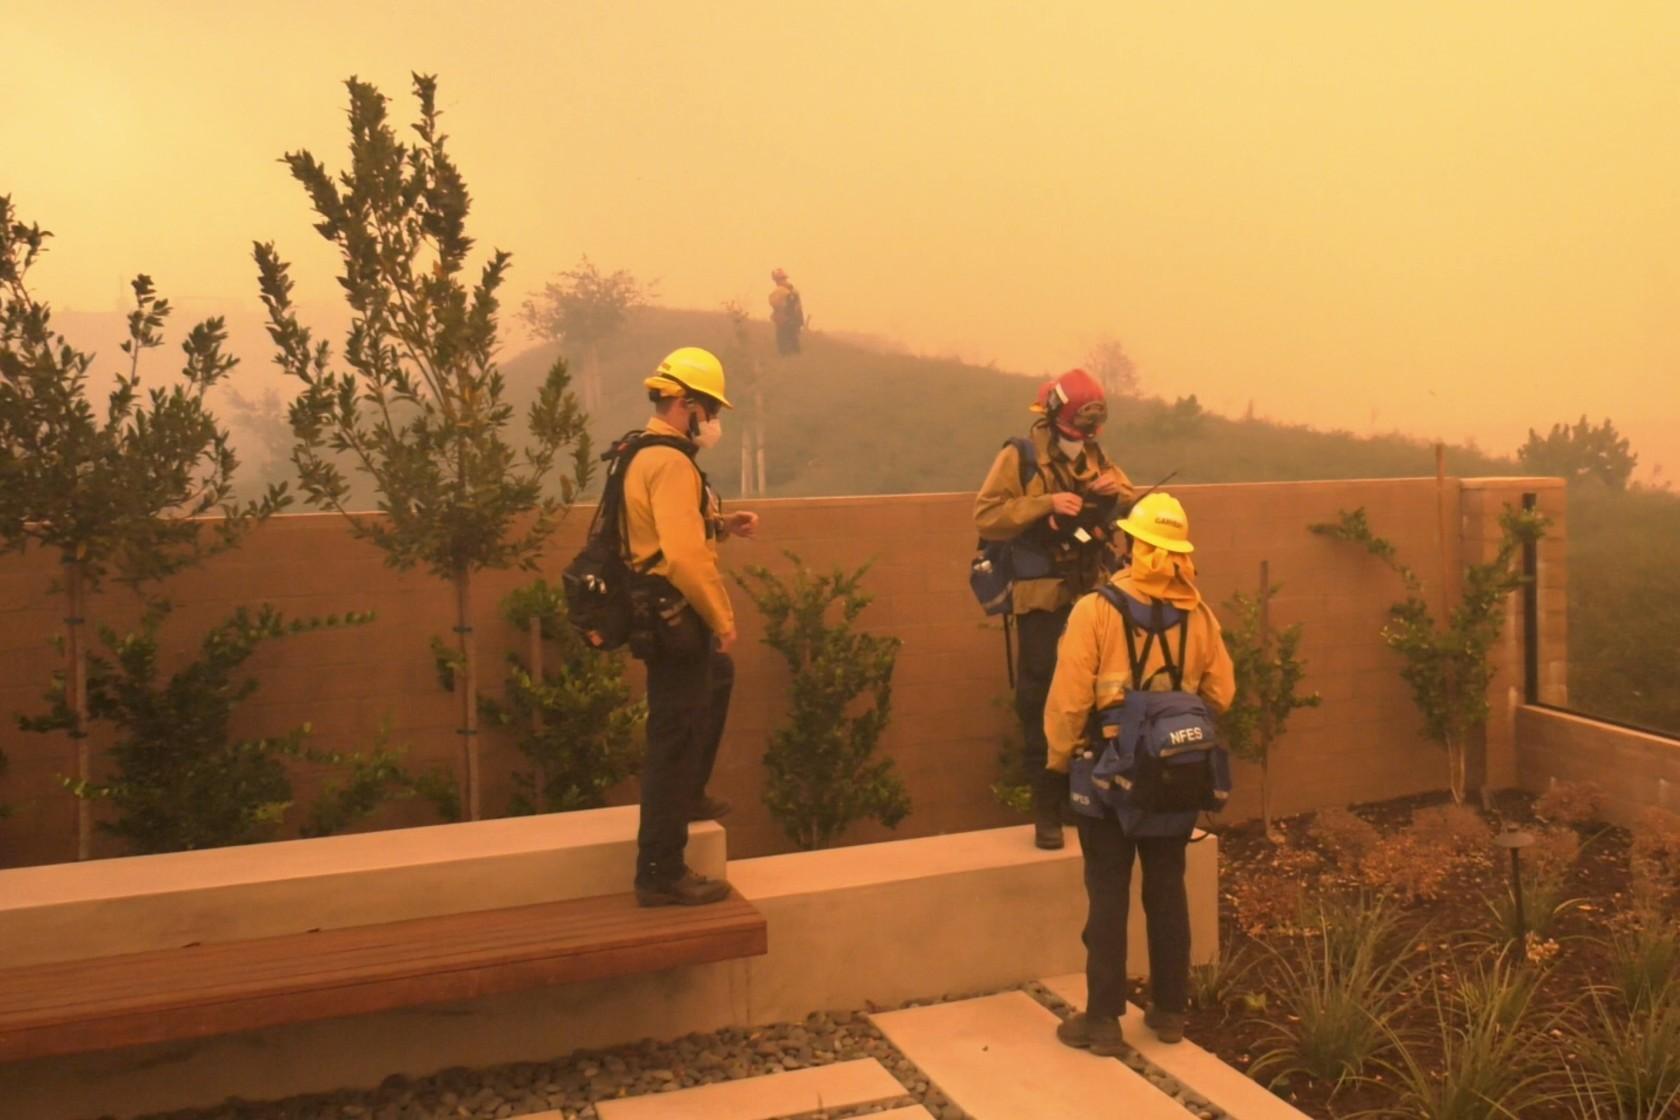 Десятки тисяч сімей змушені покинути домівки через лісові пожежі у США: опубліковані жахливі фото - фото 4